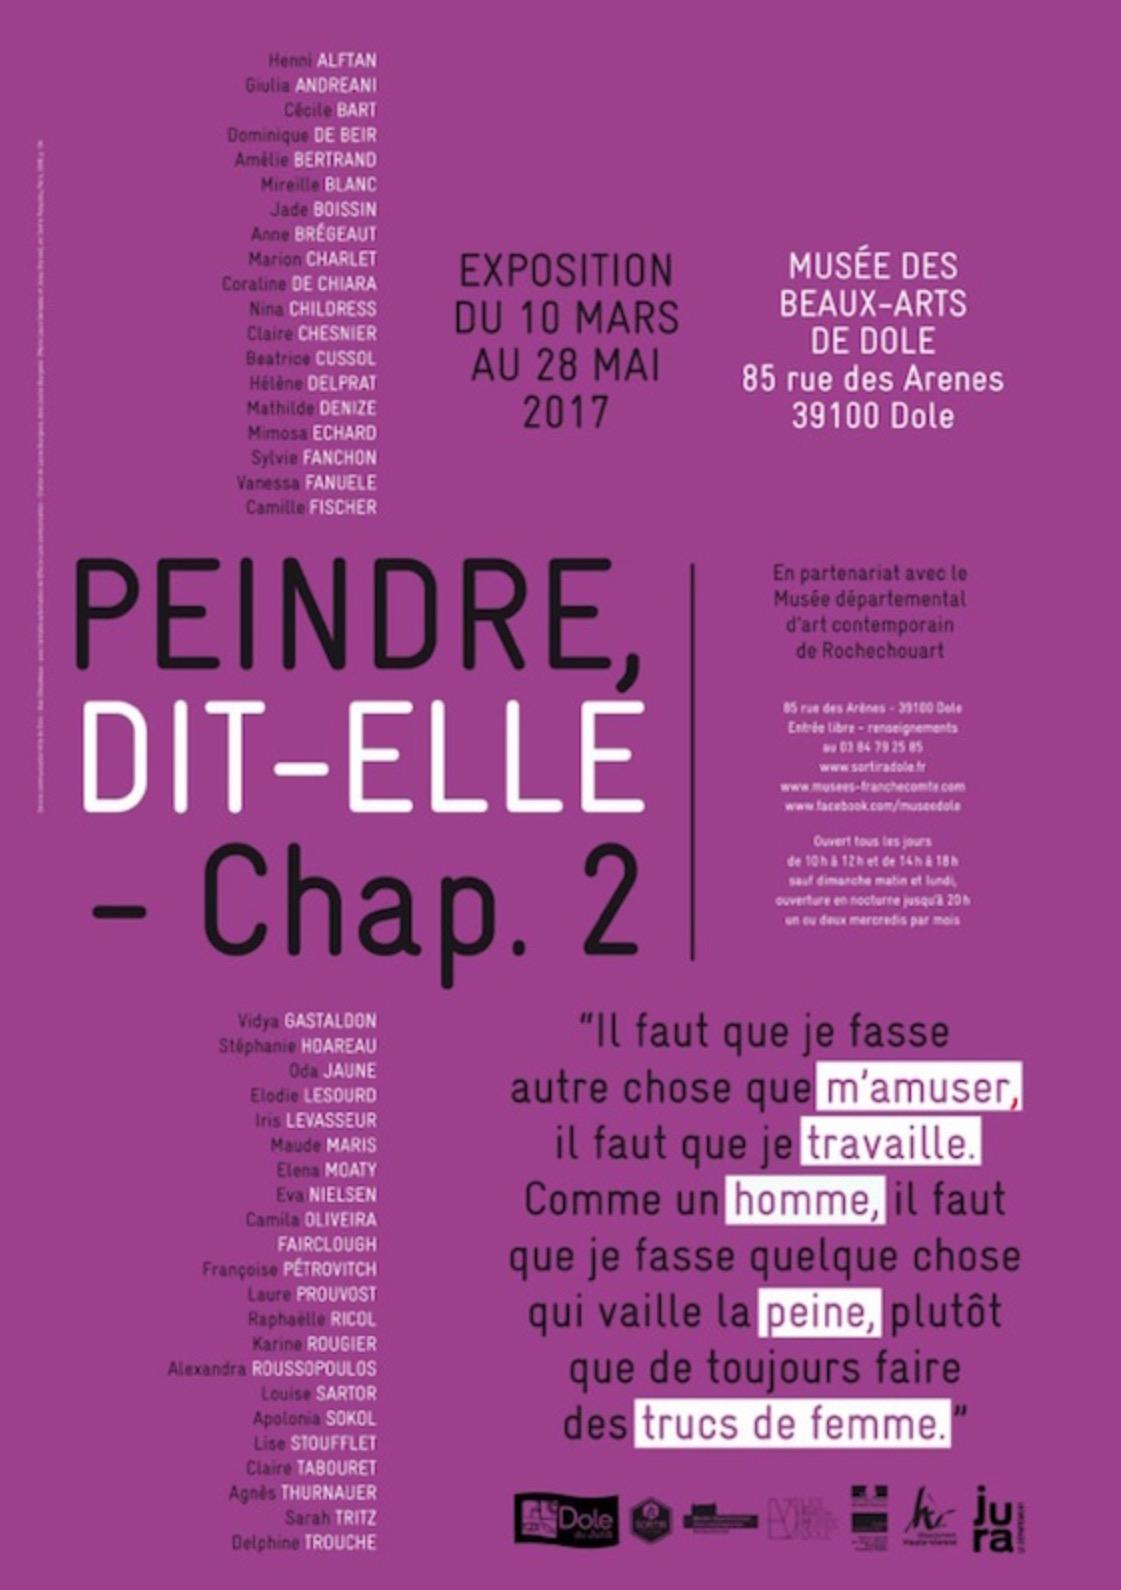 [EXPO] 10.03→28.05 – PEINDRE DIT-ELLE (CHAP.2) – MUSÉE DES BEAUX-ARTS DE DOLE